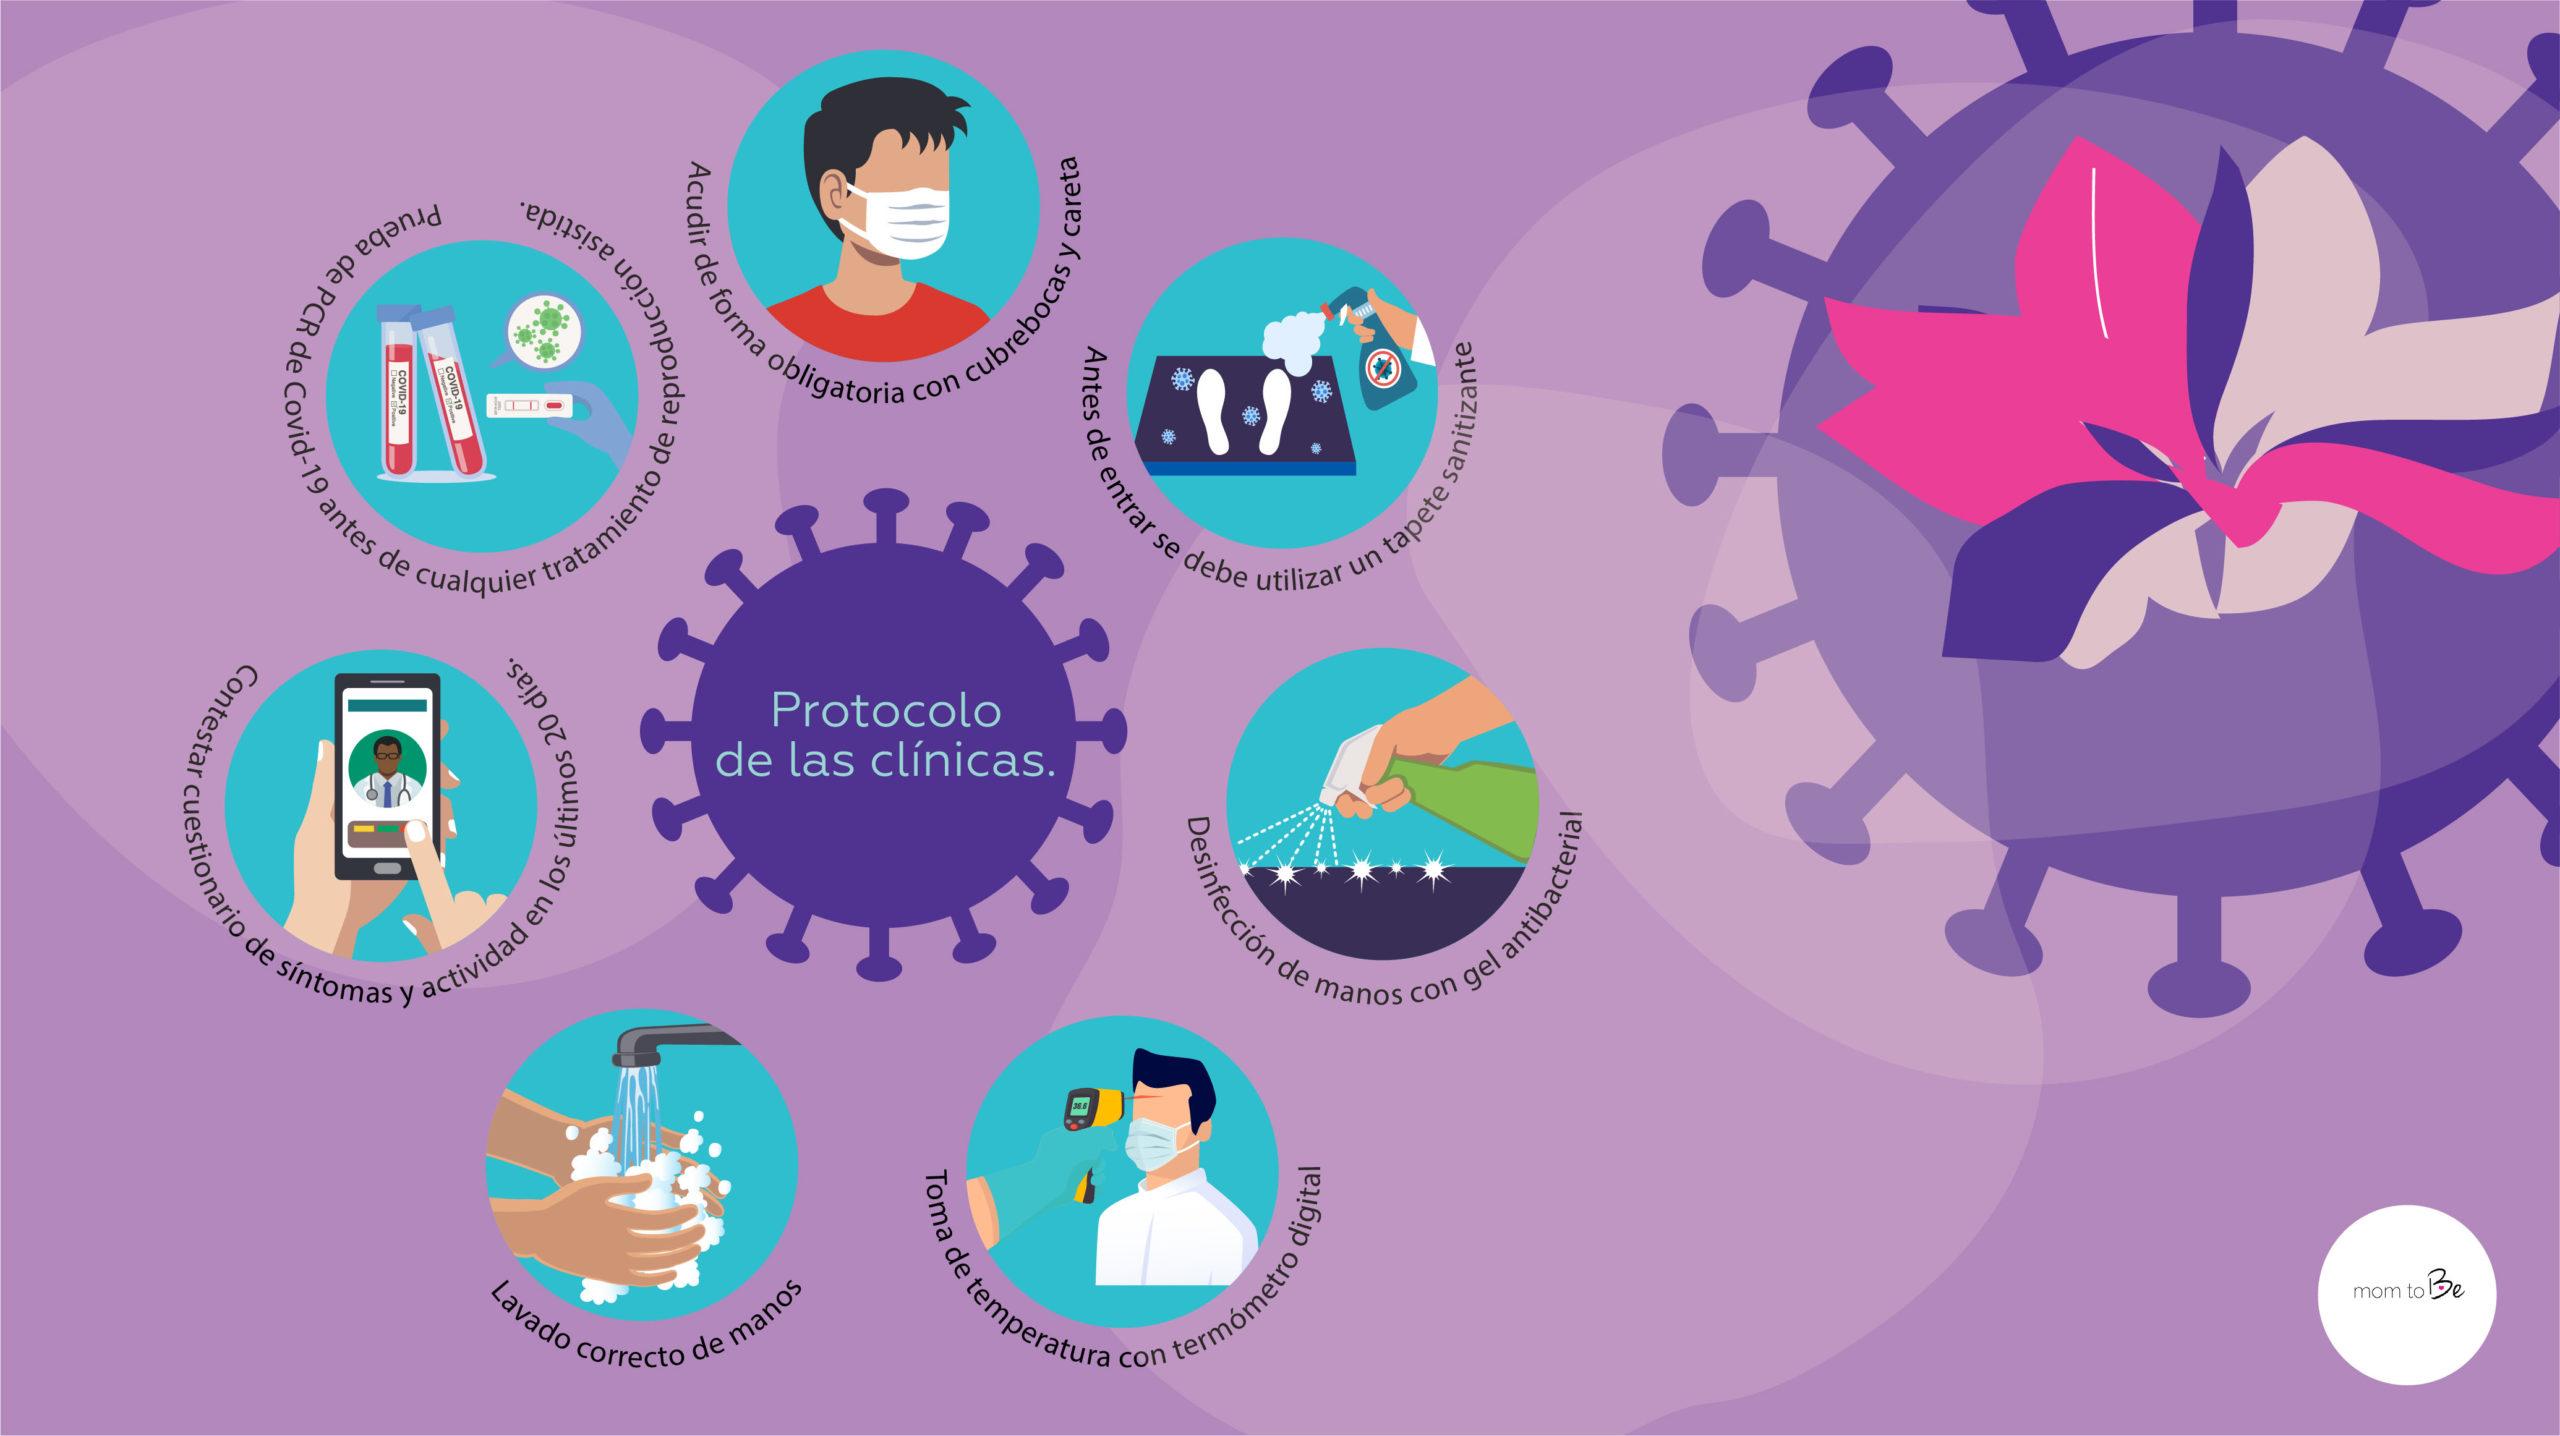 protocolo_de_las_clinicas_de_reproduccion_covid_blog_mom_to_be